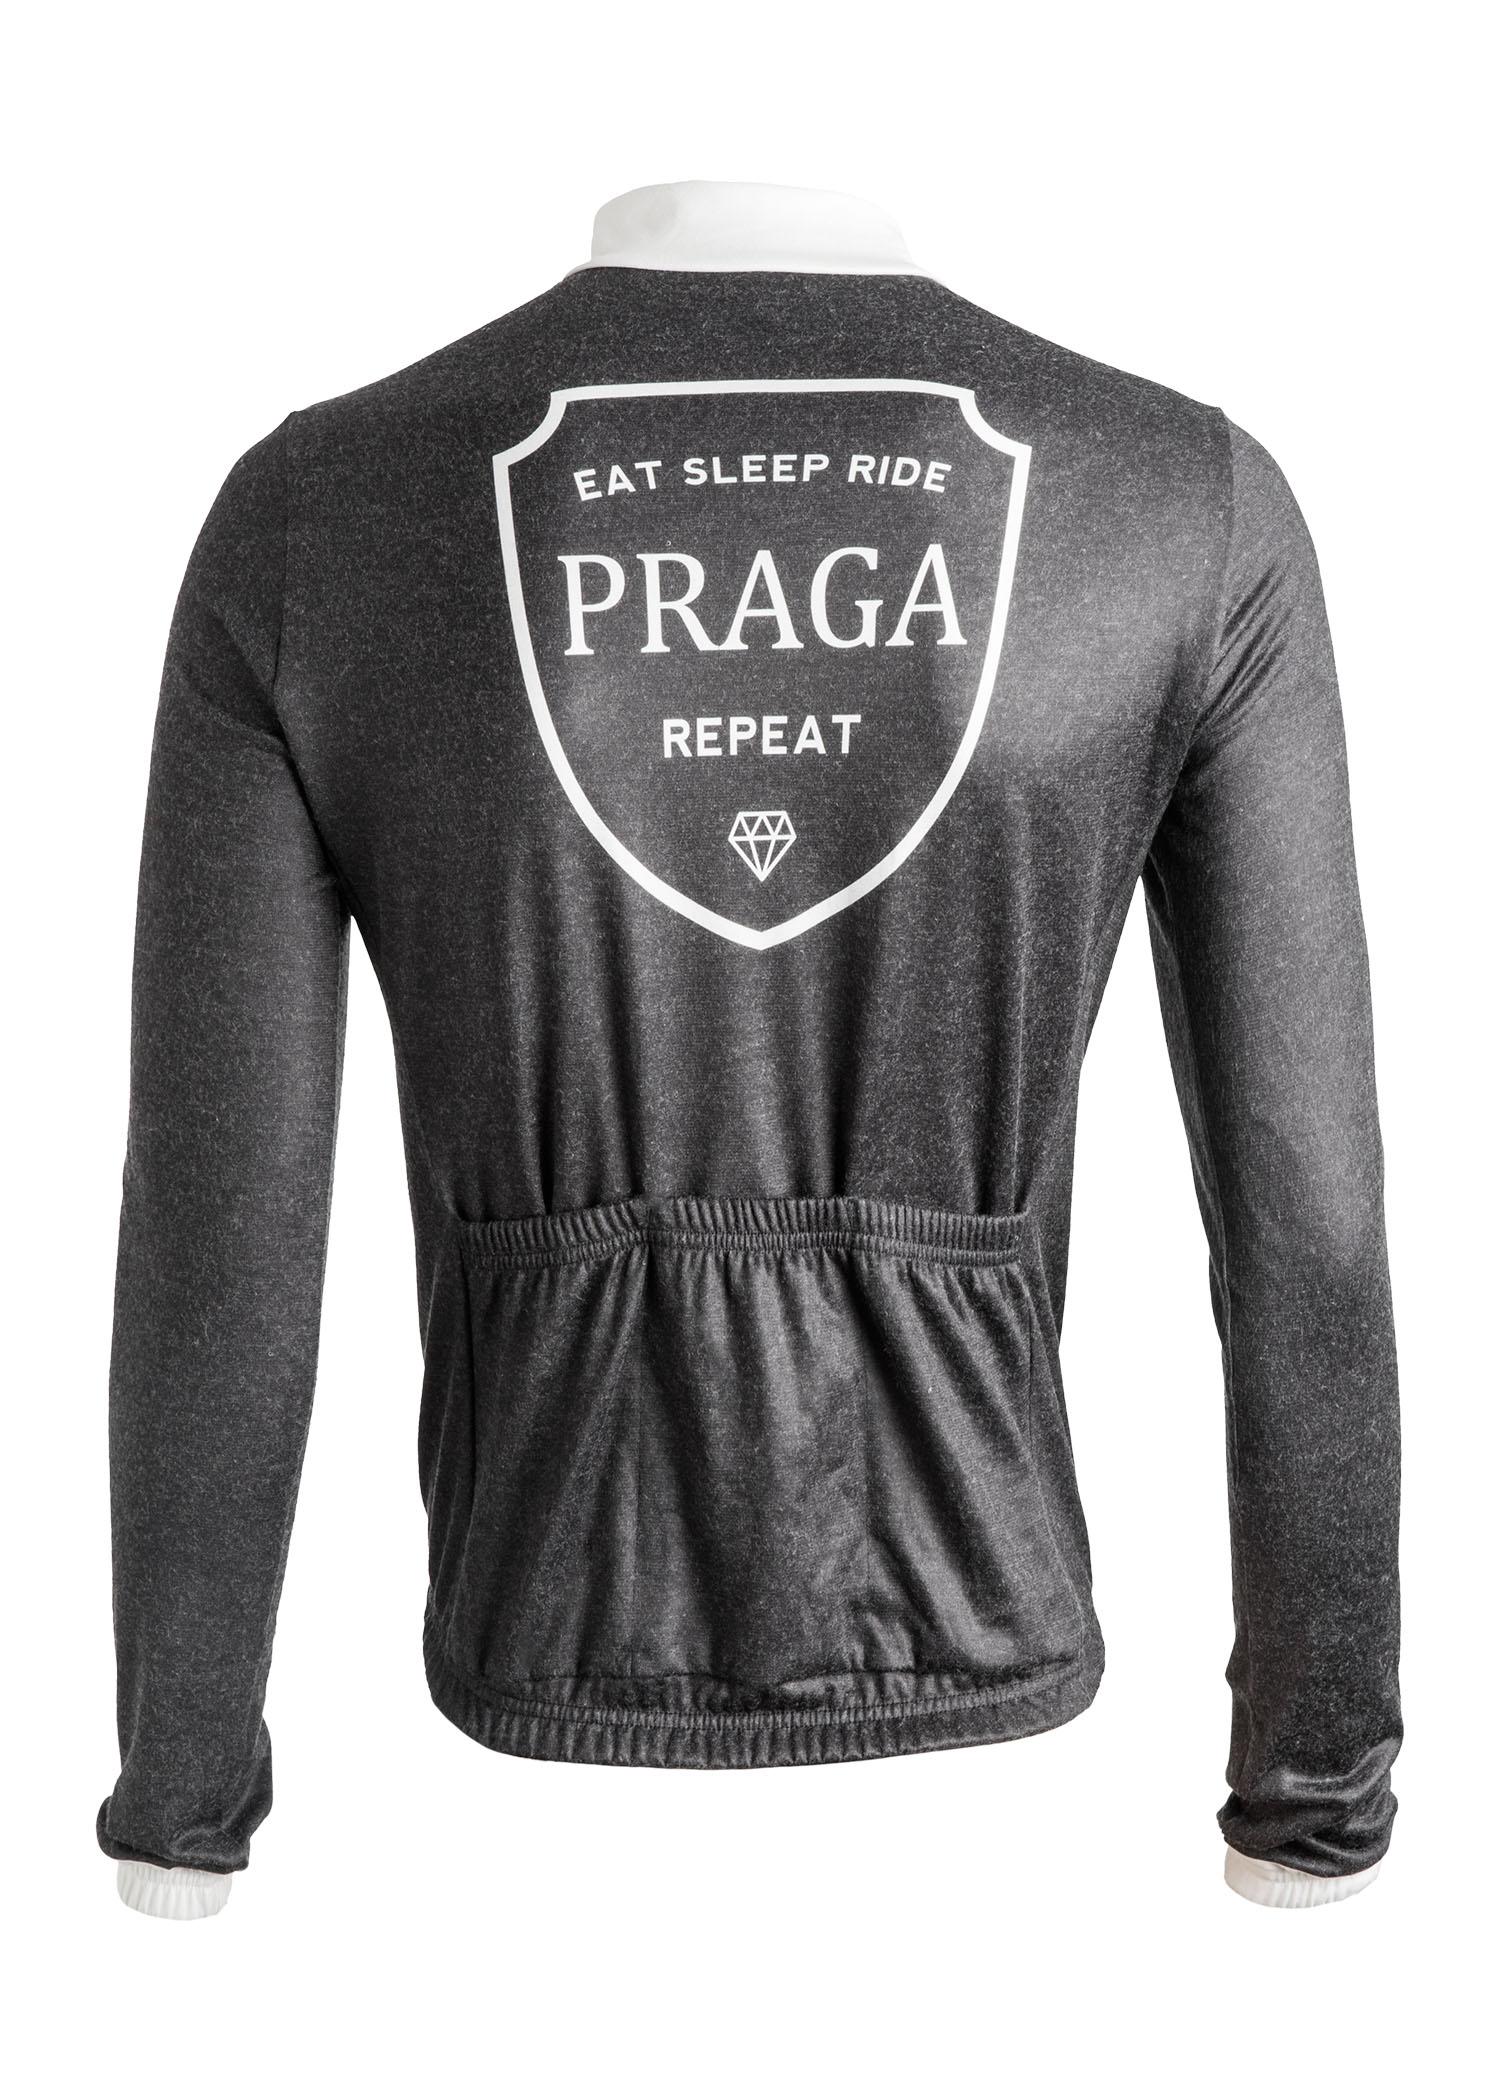 Praga Jersey